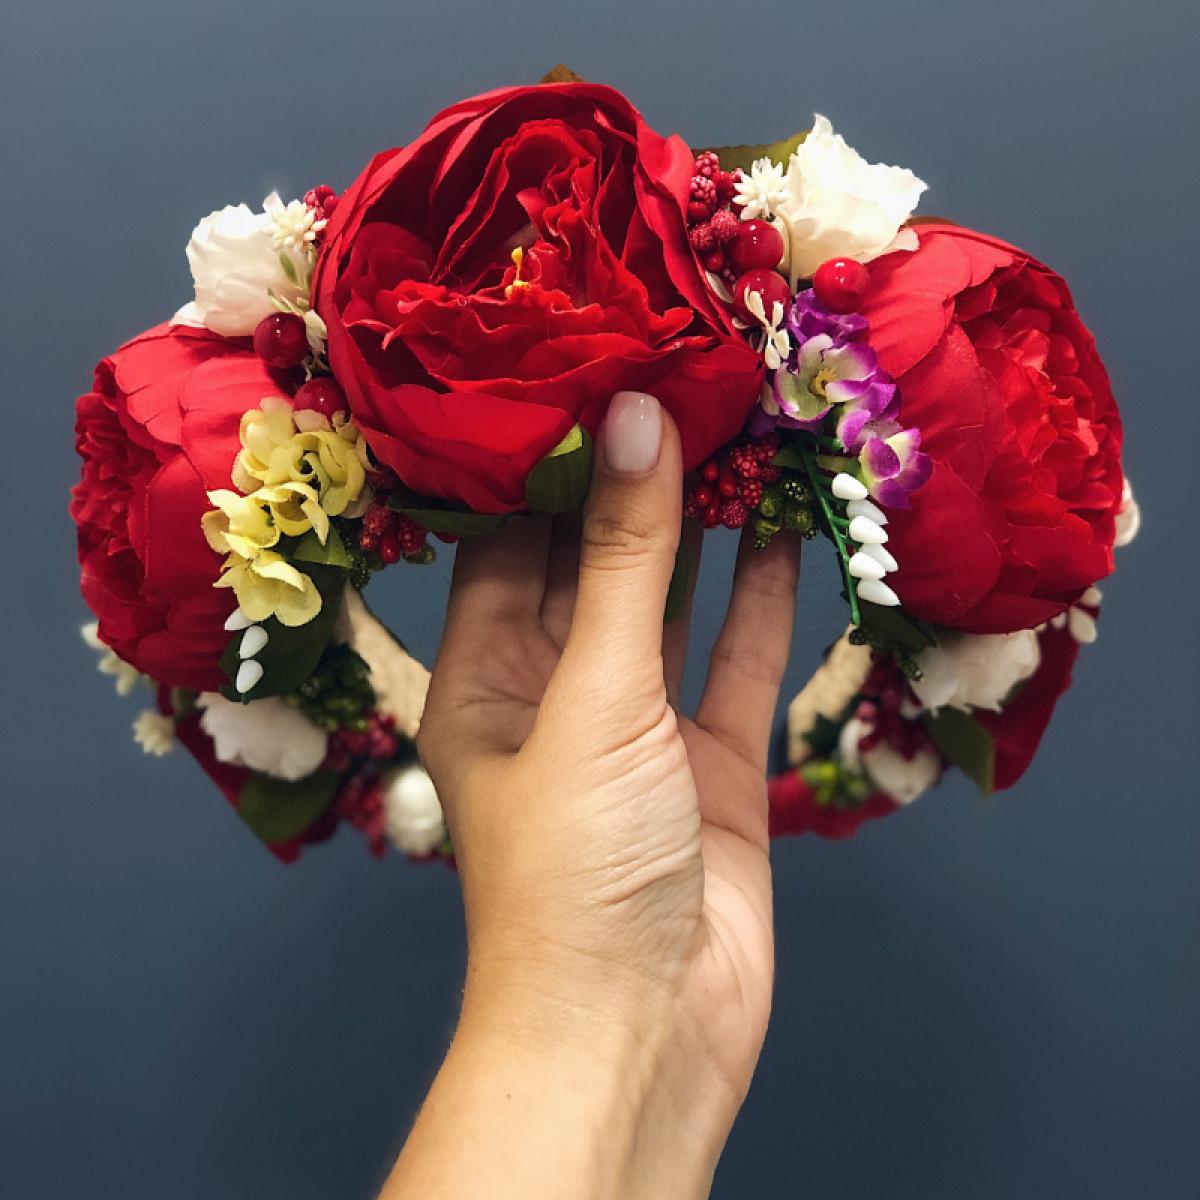 Віночок з пишними червоними квітами. Фото №1. | Народний дім Україна